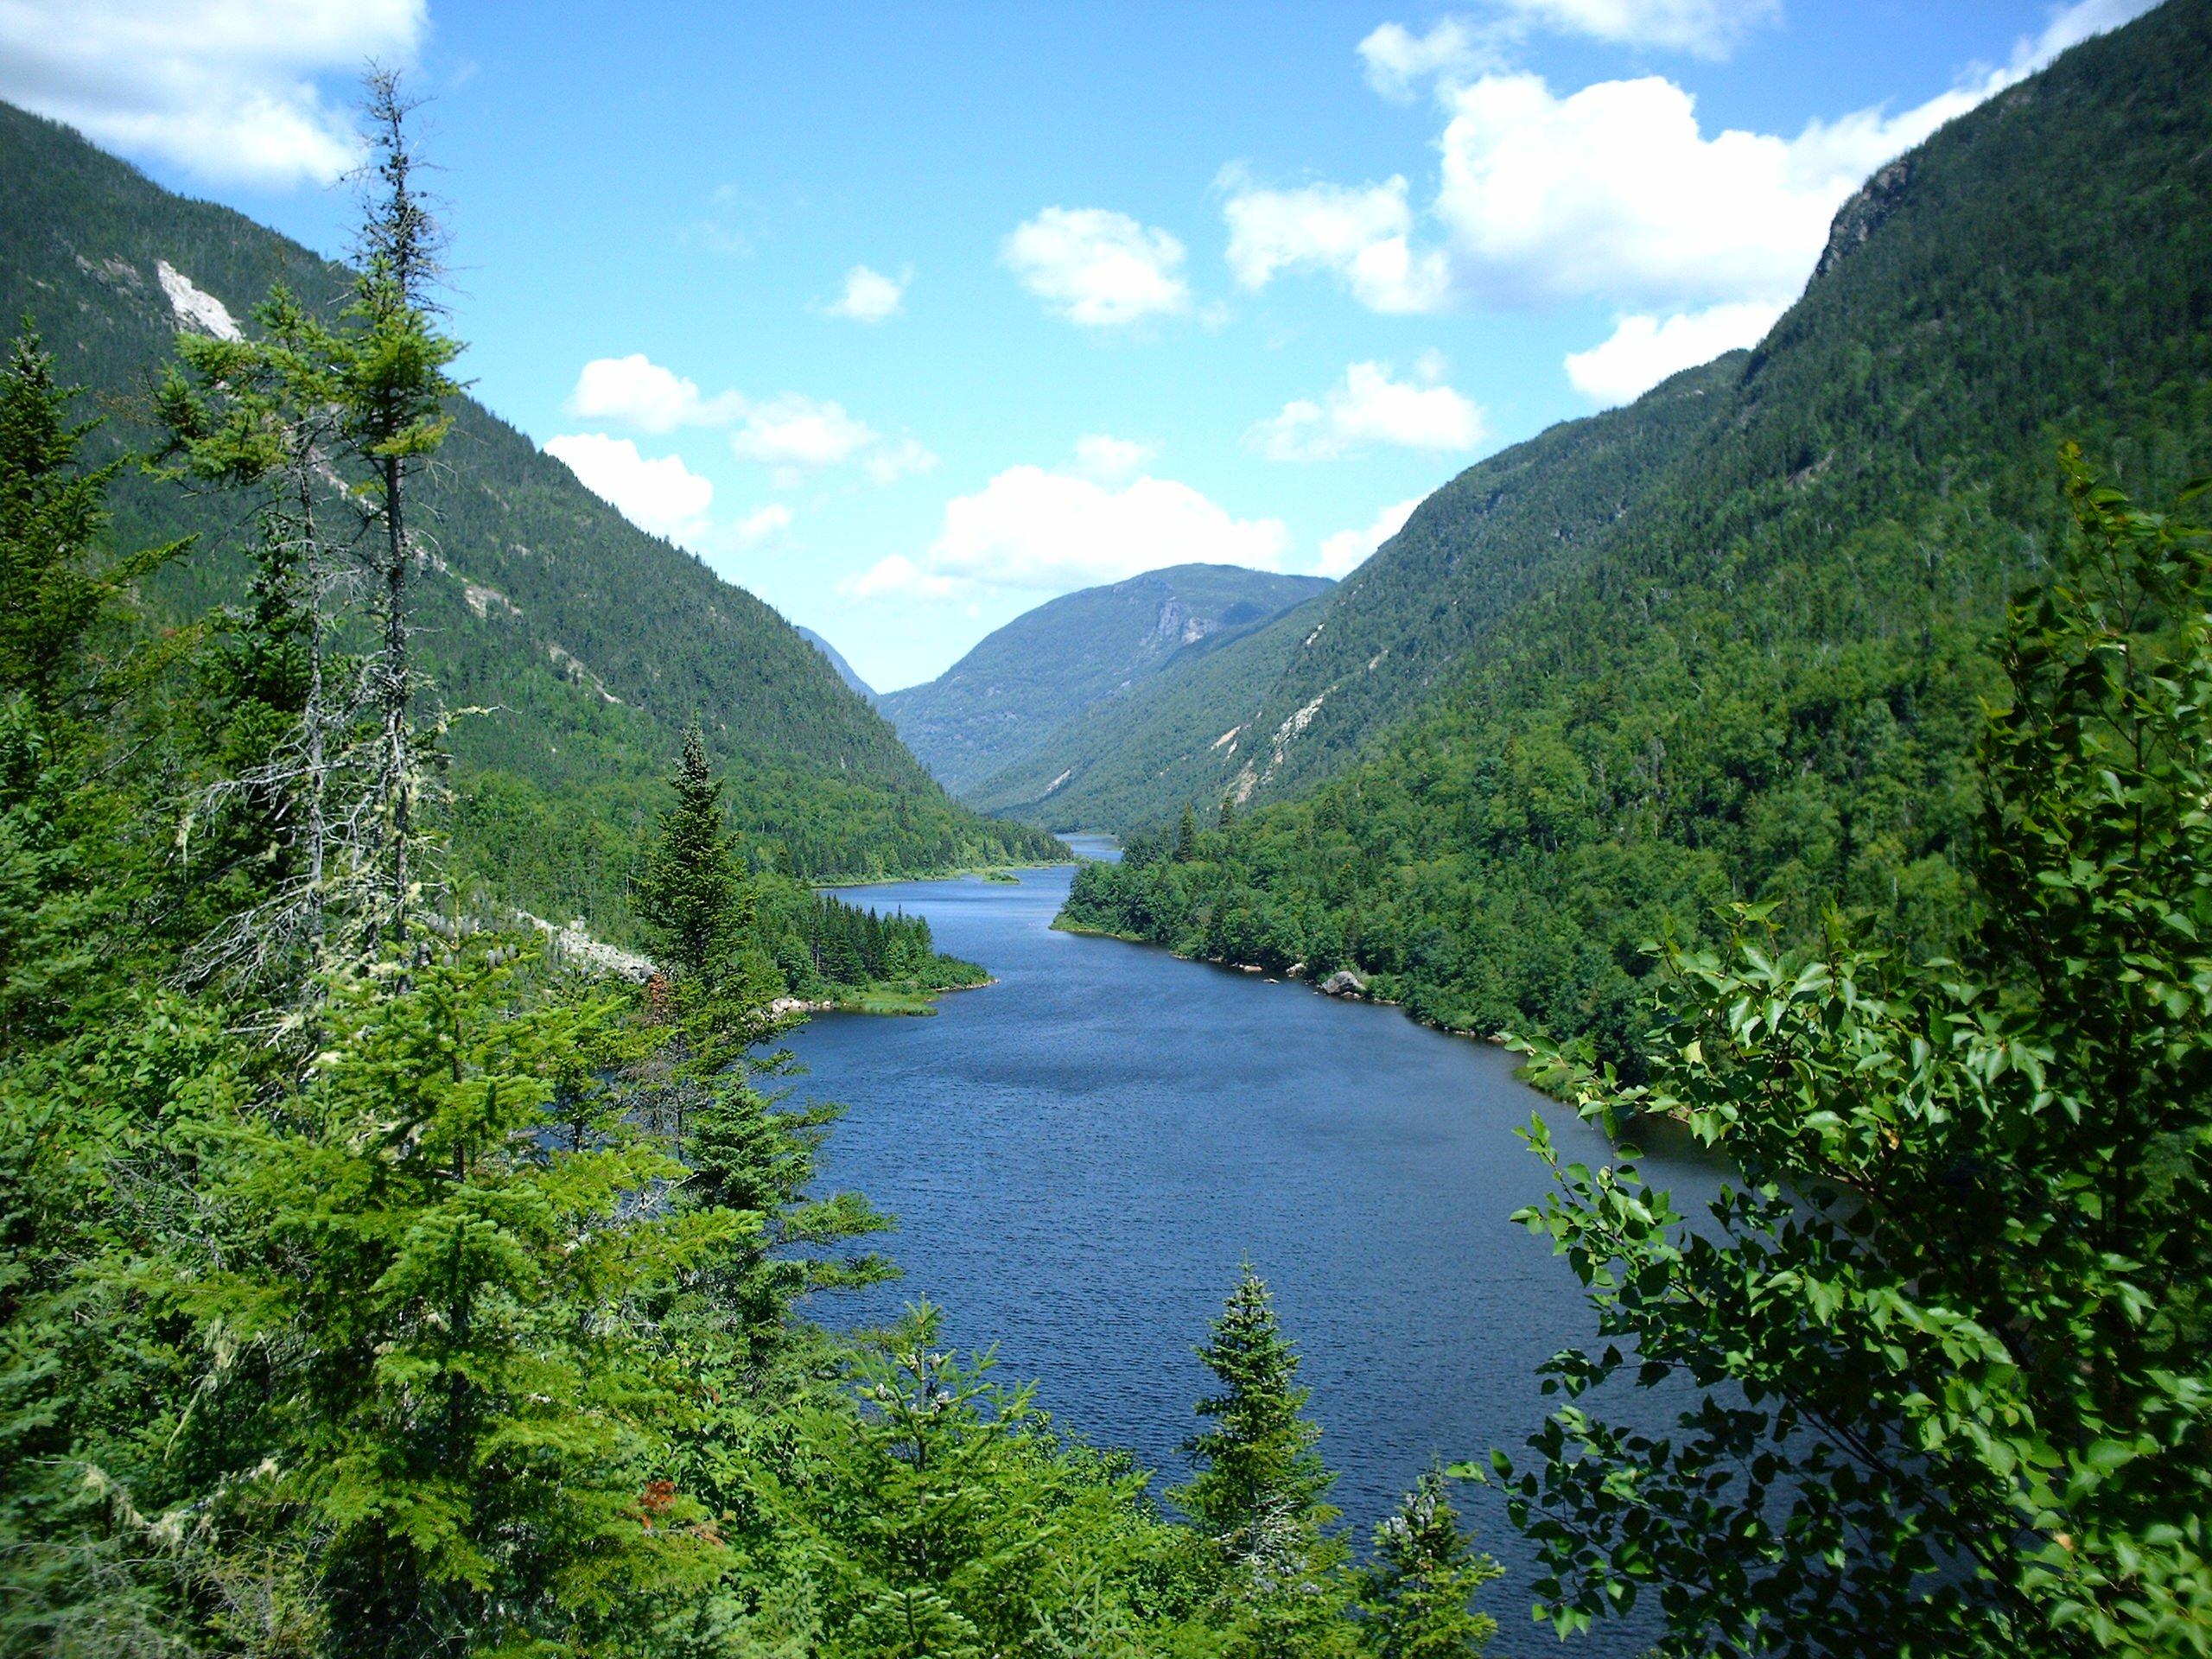 QC_Parc national des Hautes Gorges_Landscape